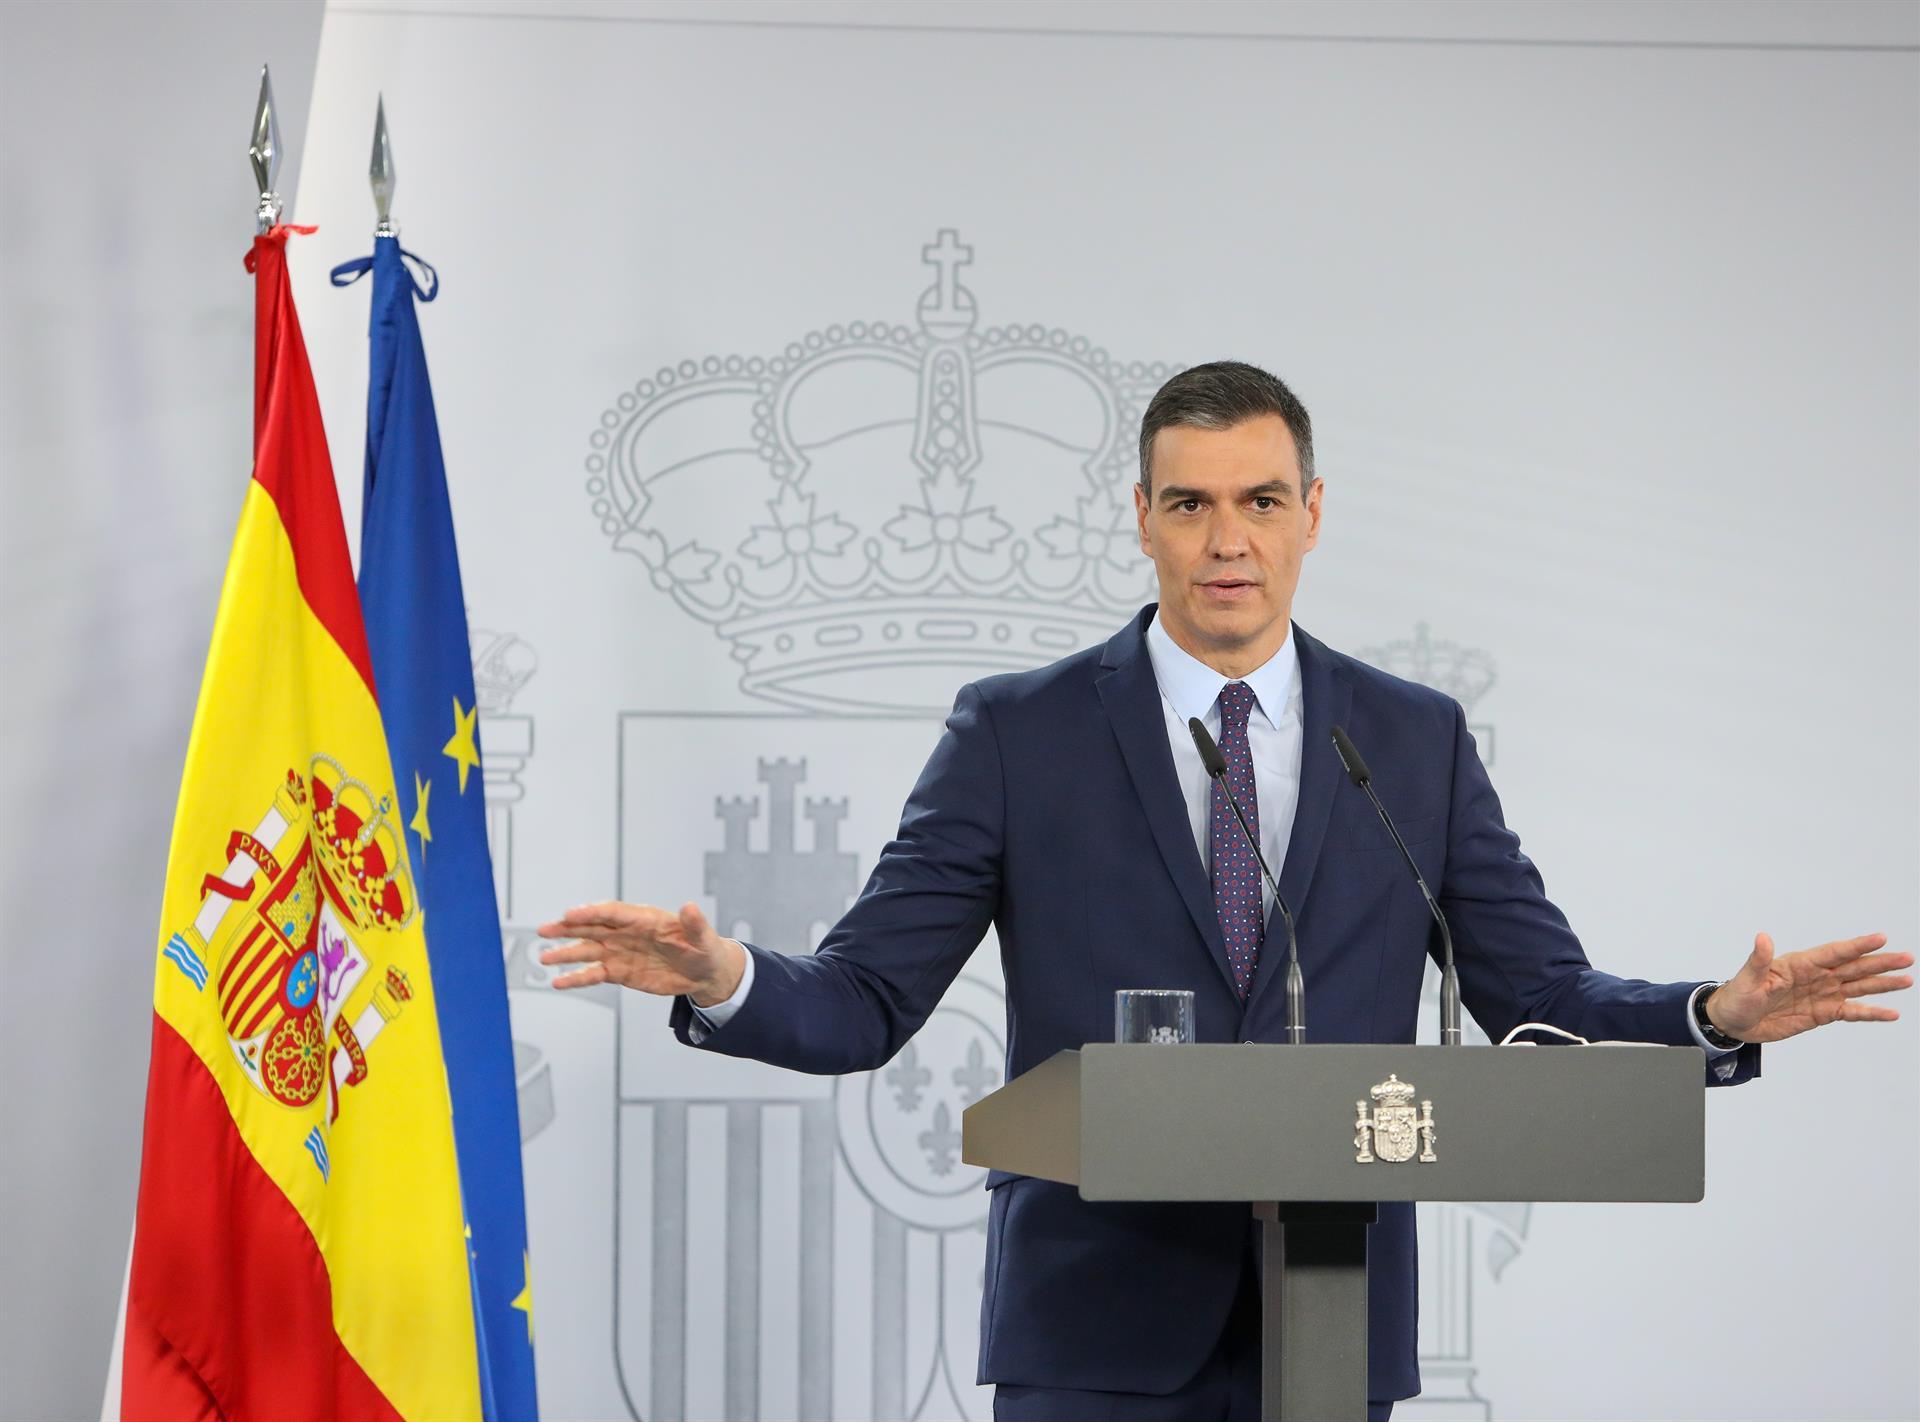 Pedro Sánchez interviene tras la reunión Consejo de Ministros 13 de abril de 2021 Foto EUROPA PRESS-MFERNÁNDEZ